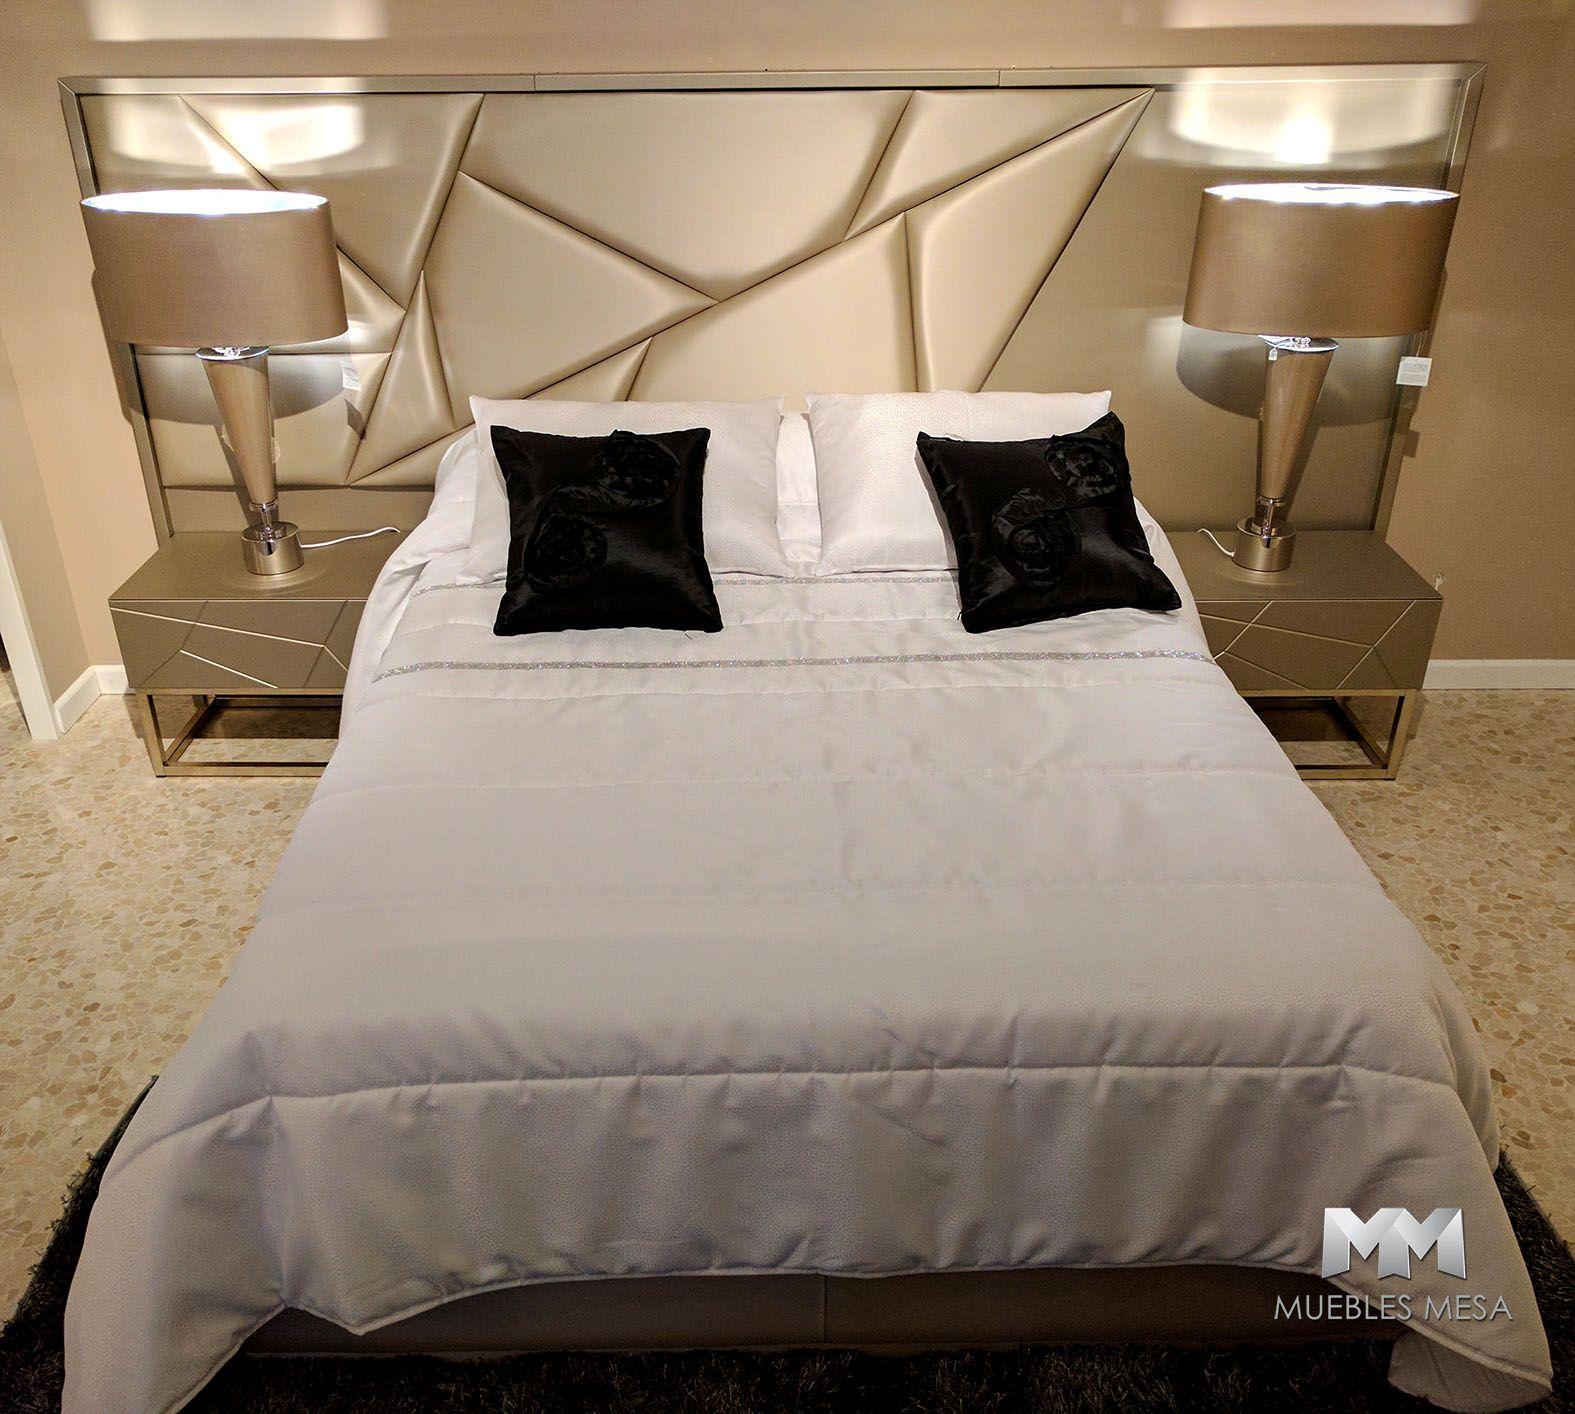 Cabeceros de cama originales dise o ideas y calidad en 2019 cabeceros headboards - Cabeceros de cama diseno ...